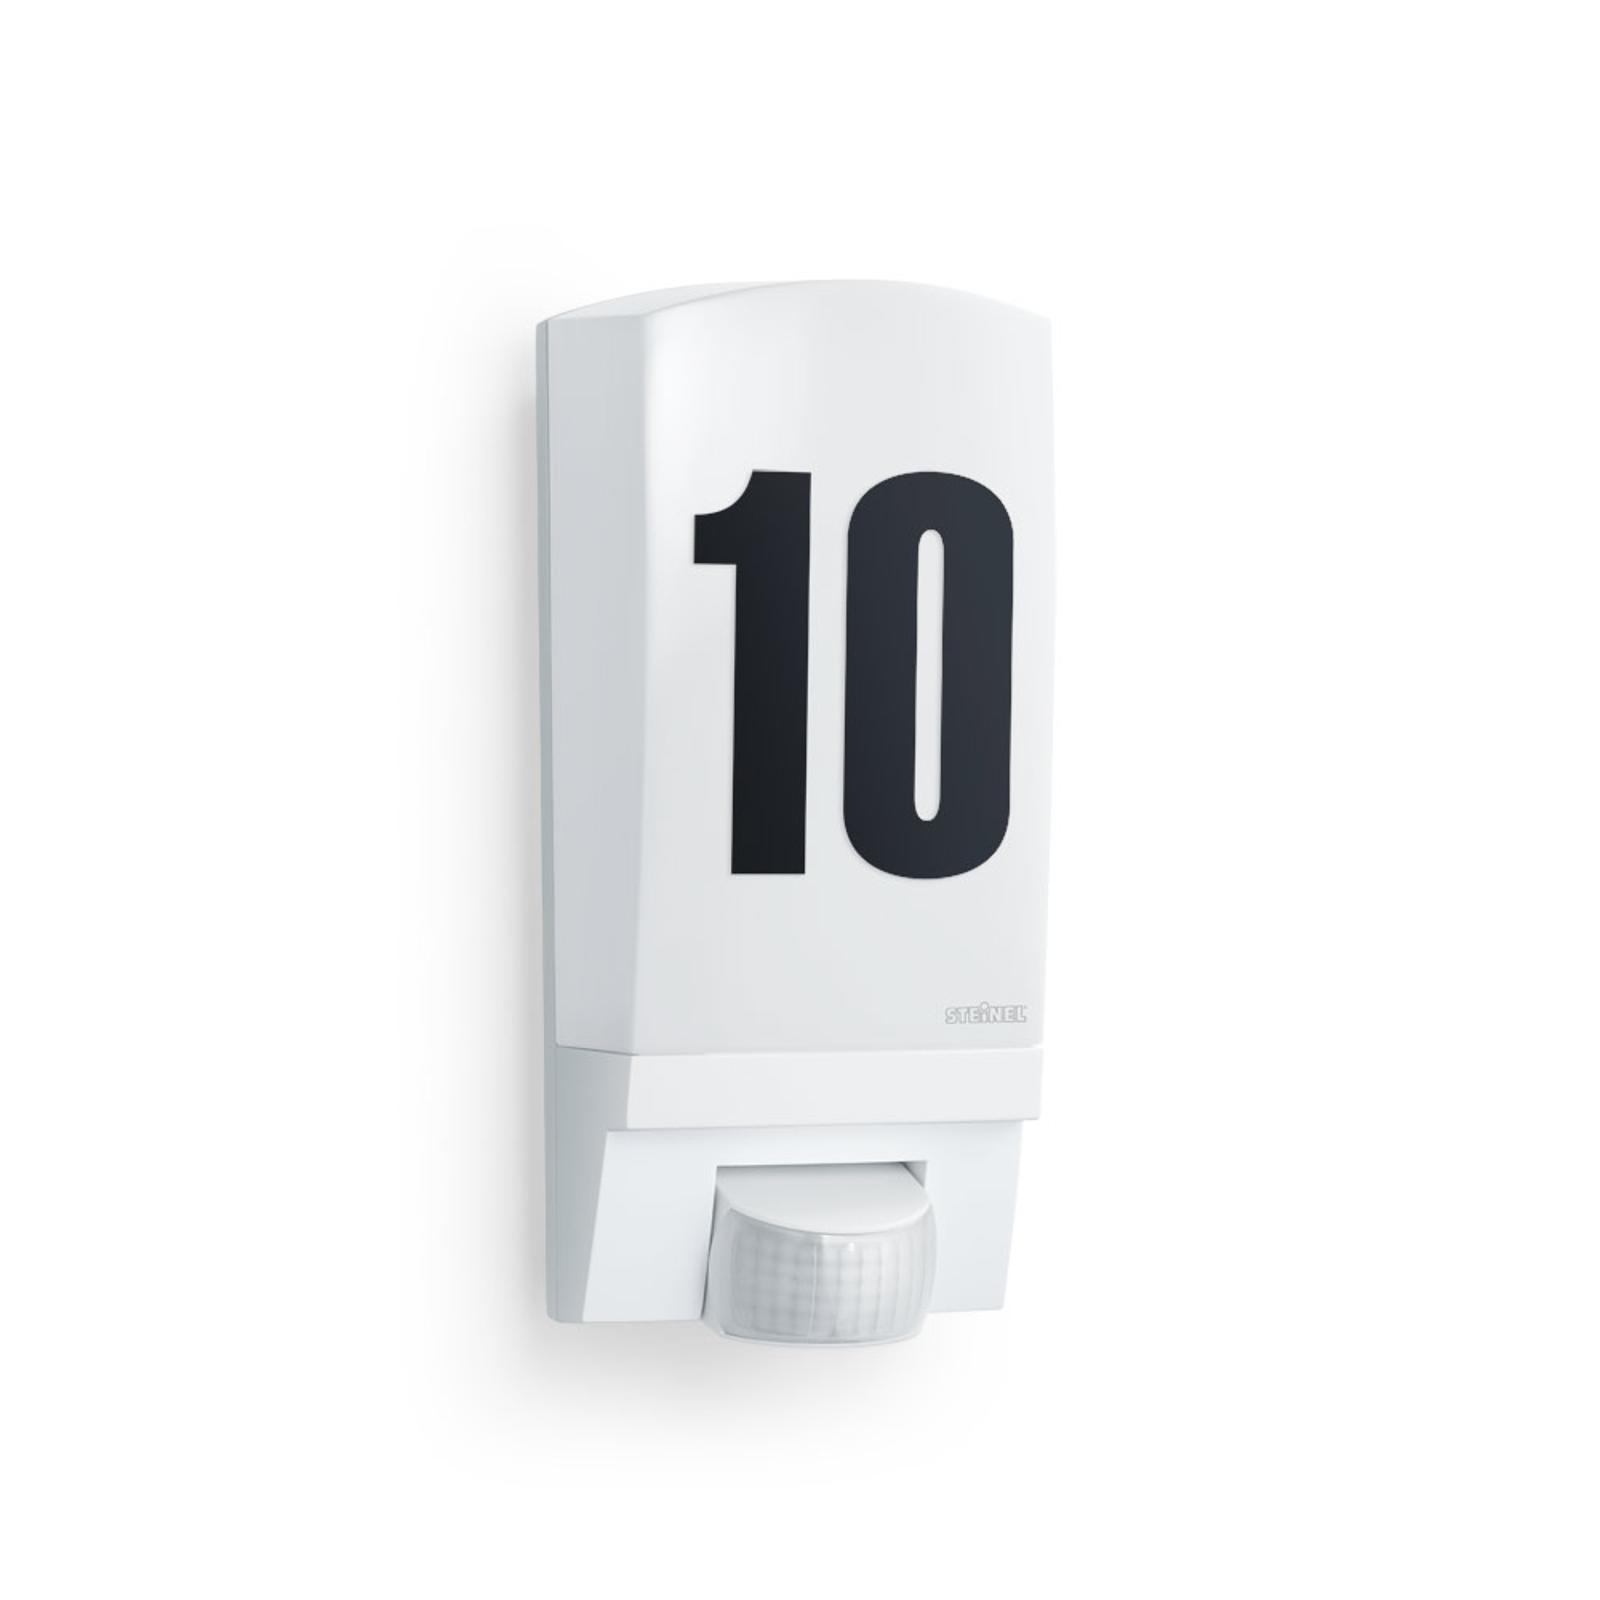 Hvit L 1 STEINEL sensor- og husnummerlampe